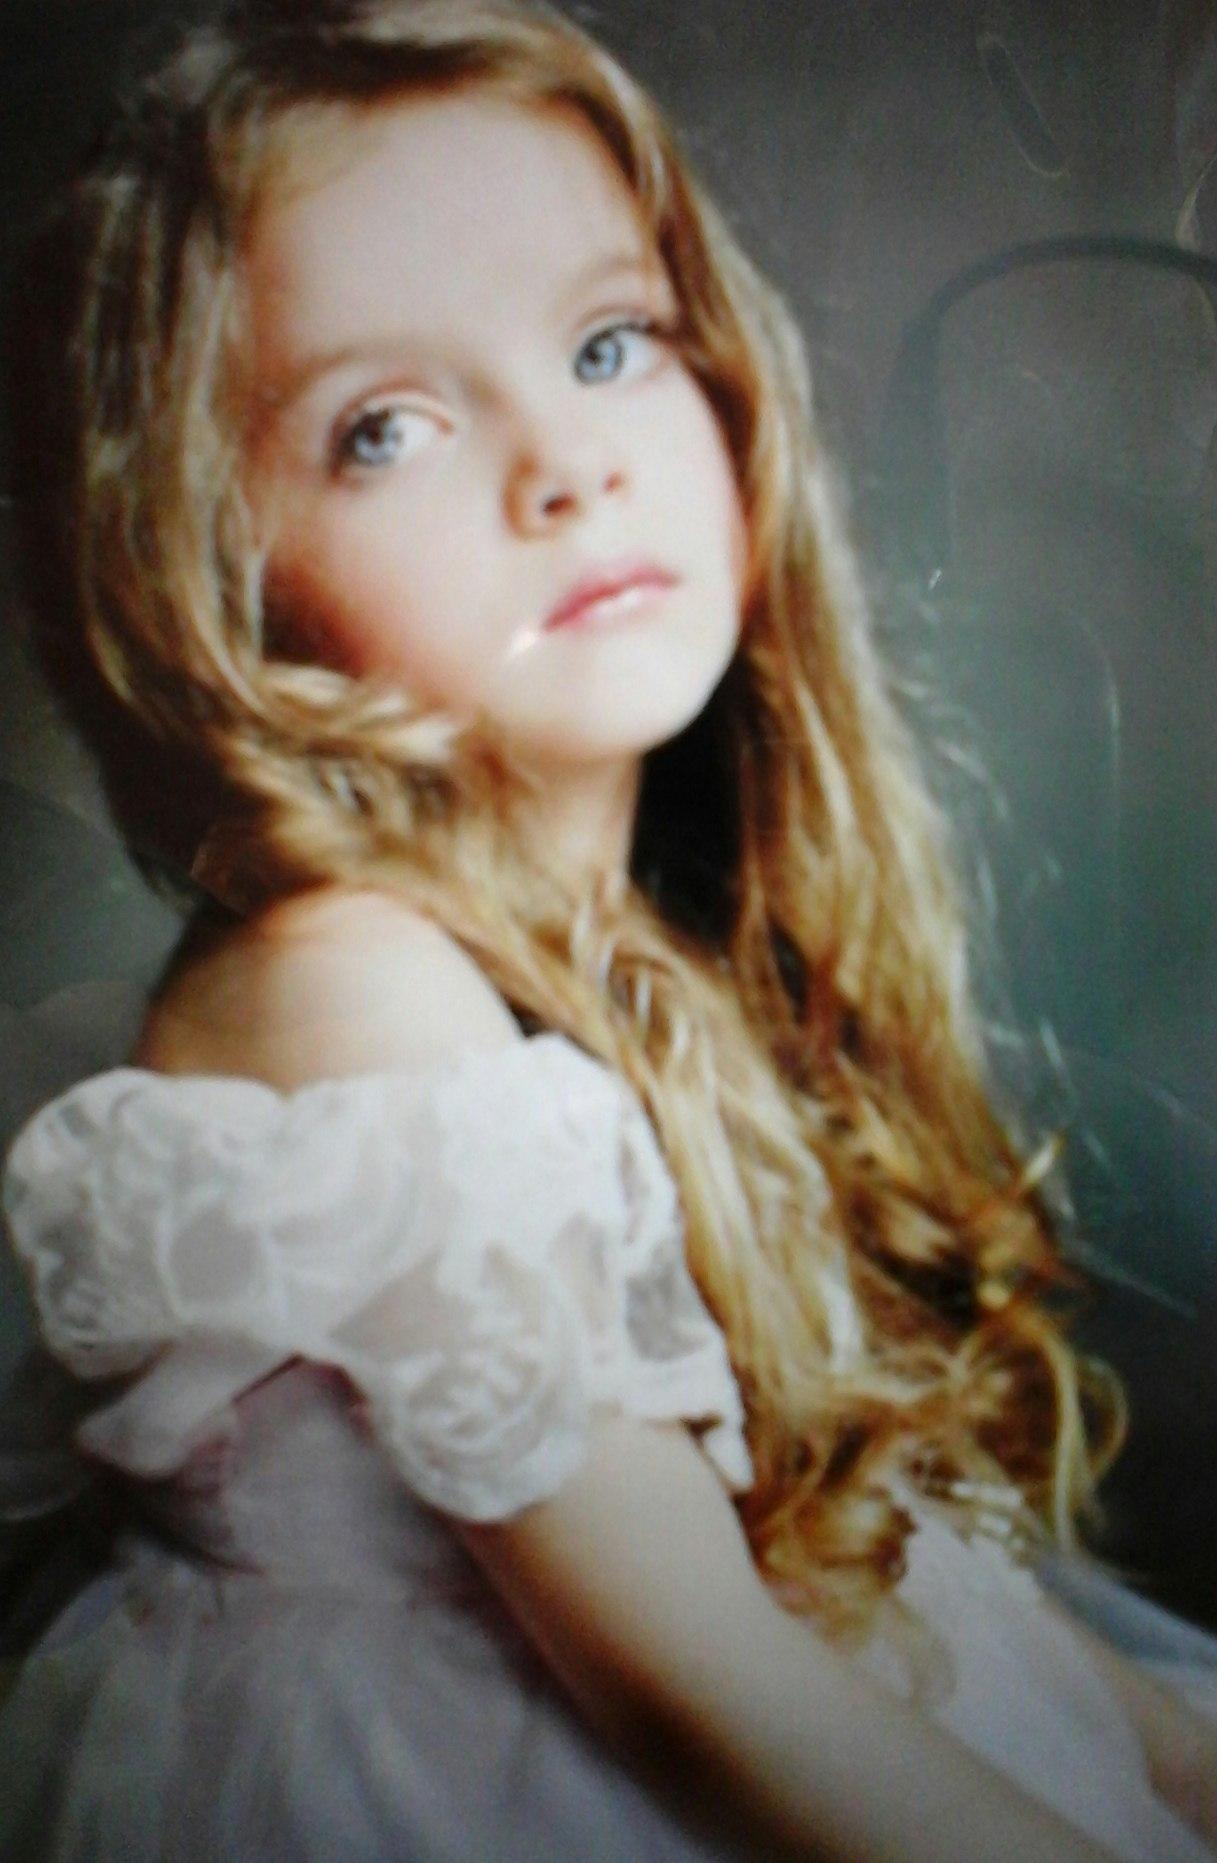 Фотографии прекрасных девочек 8 фотография